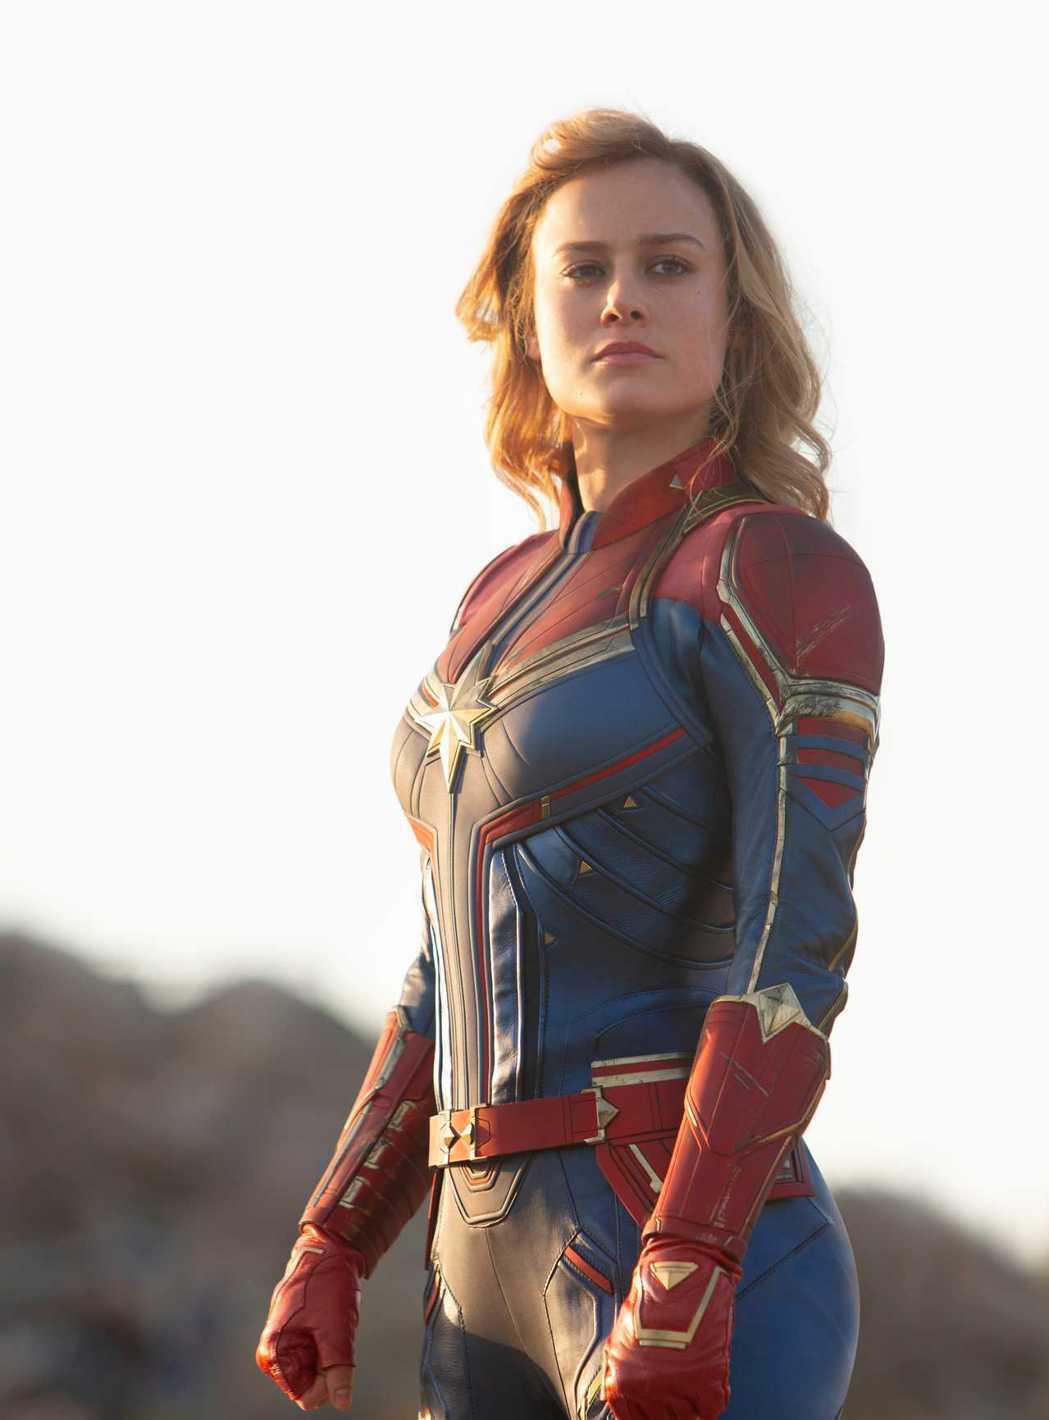 「驚奇隊長」始終鎖定布麗拉森,她曾經兩度拒絕接演。圖/摘自imdb